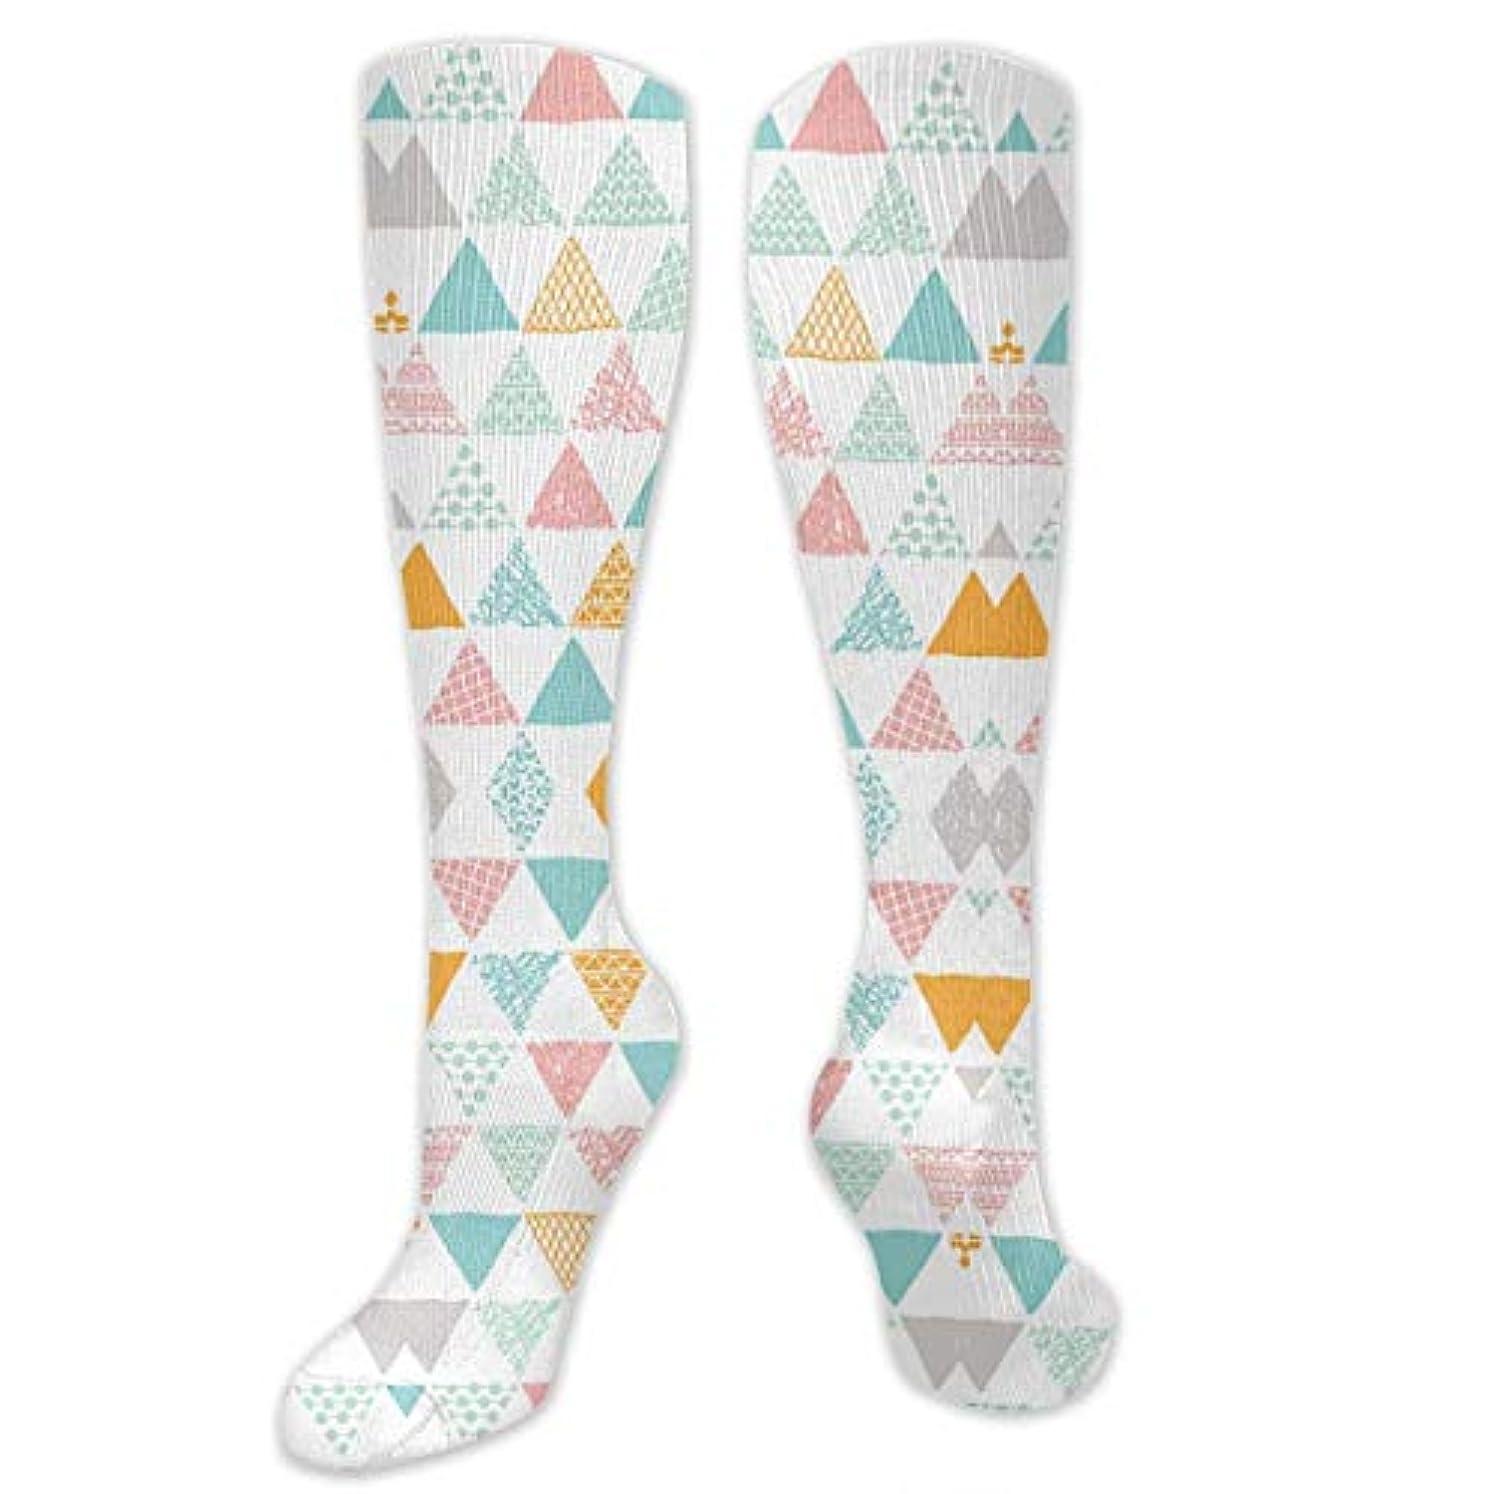 見つけた疲労発行靴下,ストッキング,野生のジョーカー,実際,秋の本質,冬必須,サマーウェア&RBXAA Geometric Triangle Pastel Colors Socks Women's Winter Cotton Long...